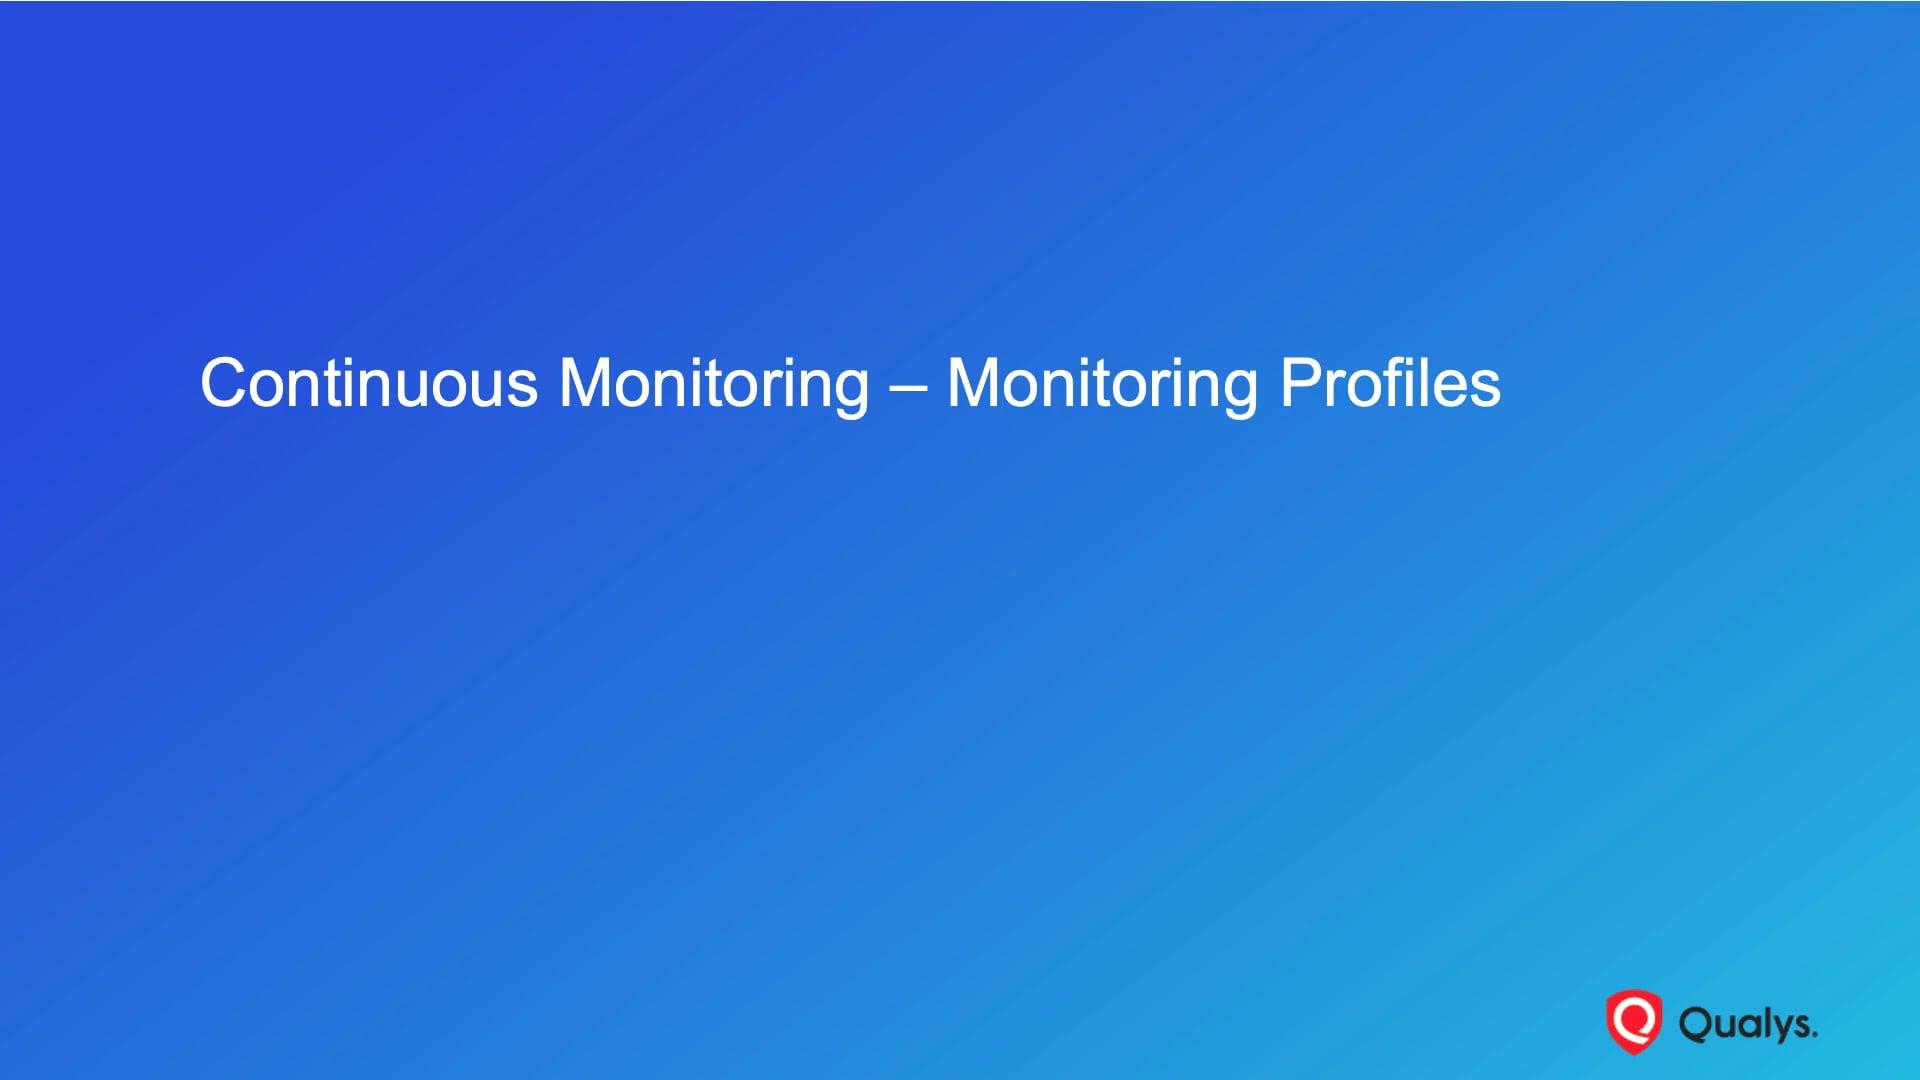 Continuous Monitoring - Monitoring Profiles